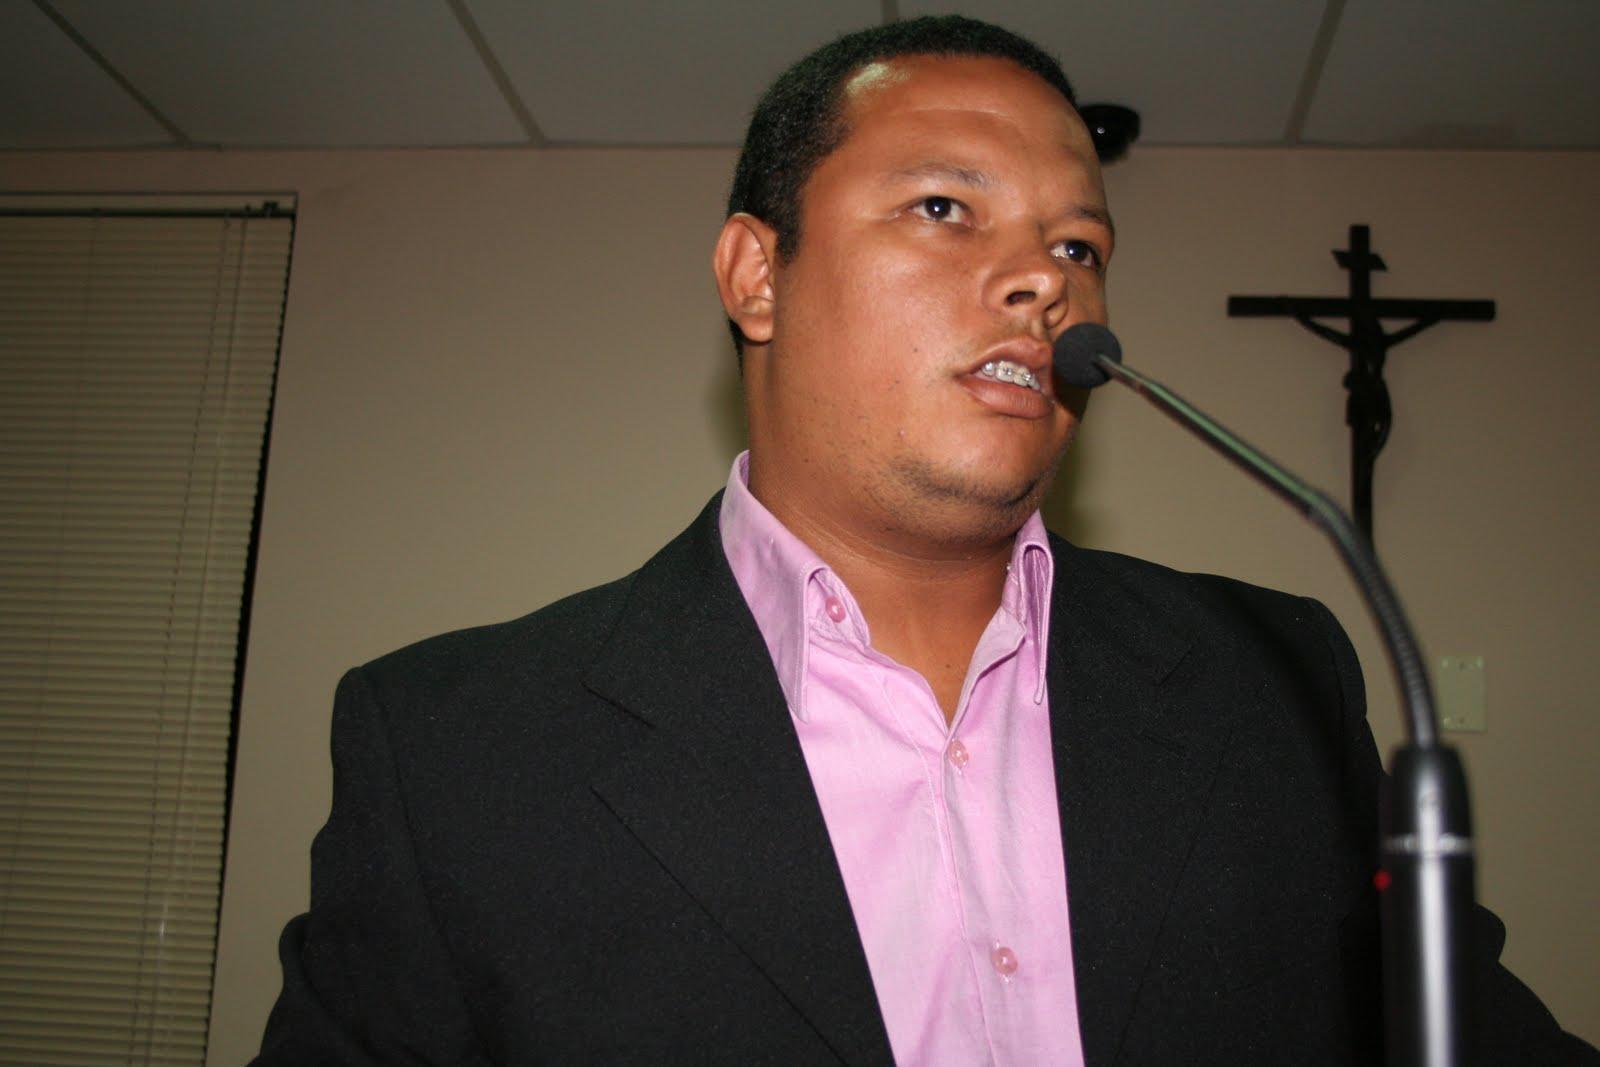 Doa a Quem Doer - Gilberto Fernandes  Neco cada vez mais titular 36c18249c03b2